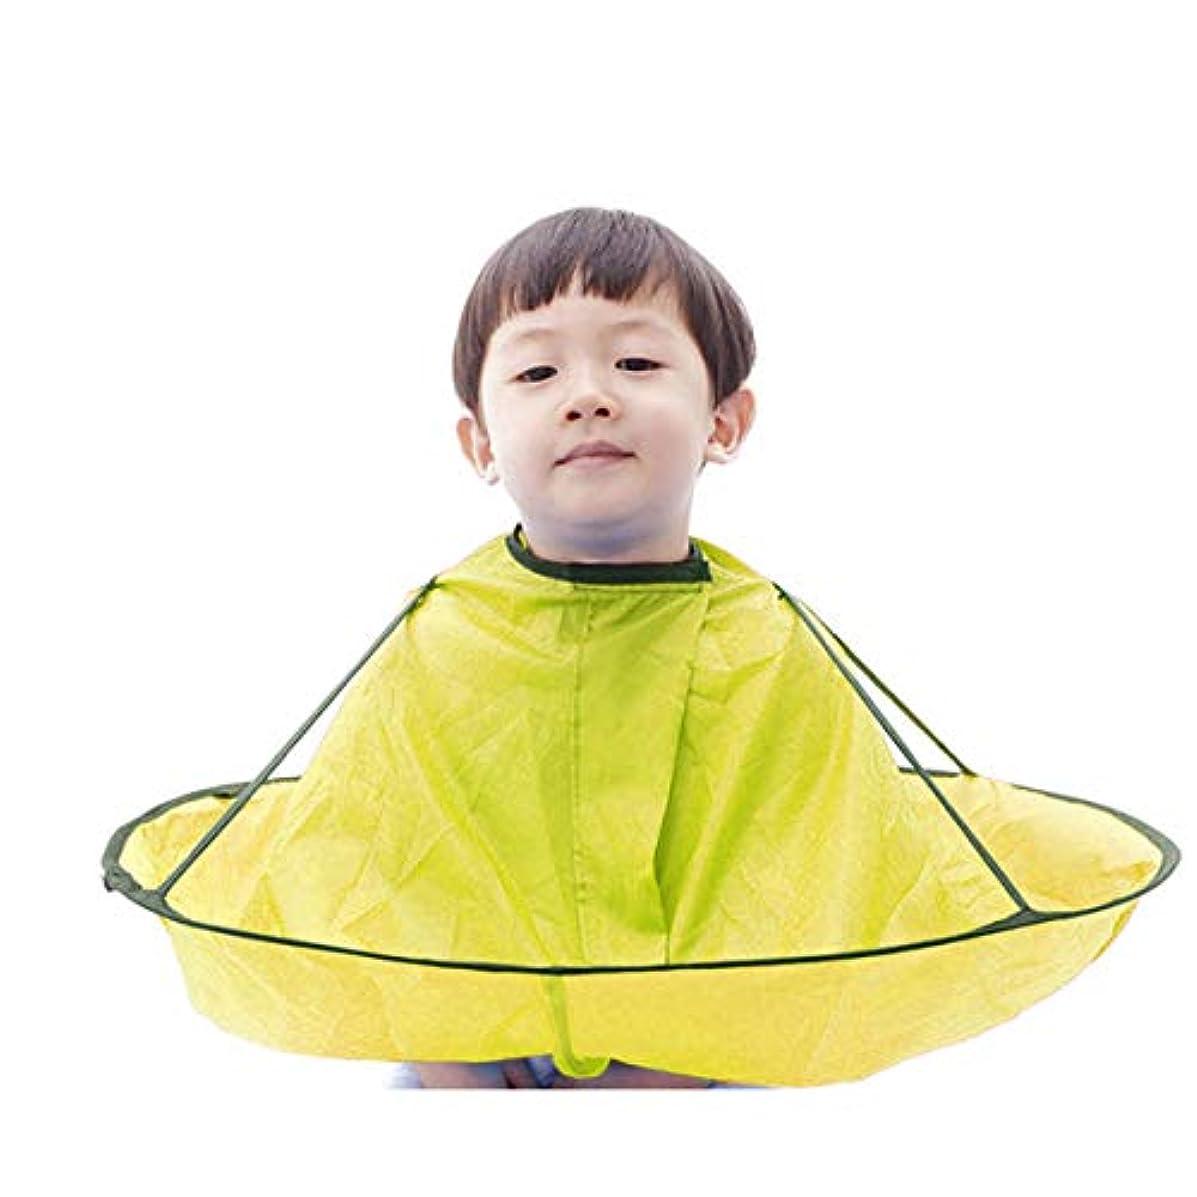 納屋によって呪われた子供 散髪ケープ ヘアエプロン 散髪マント 刈布 ケープ 散髪道具 防水 (レモン)